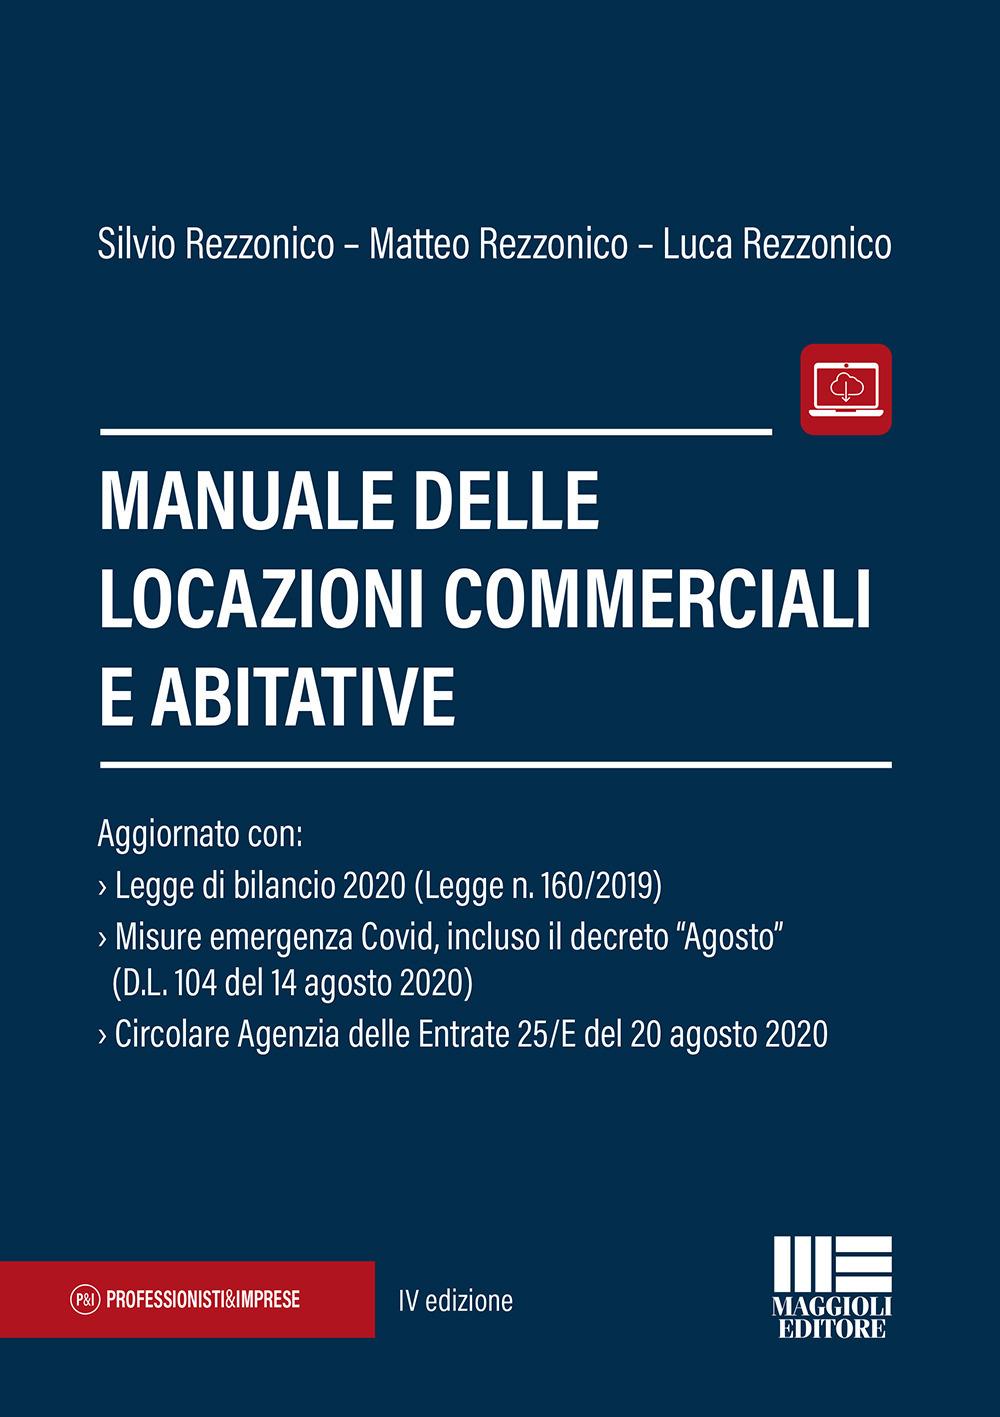 Manuale delle locazioni commerciali e abitative